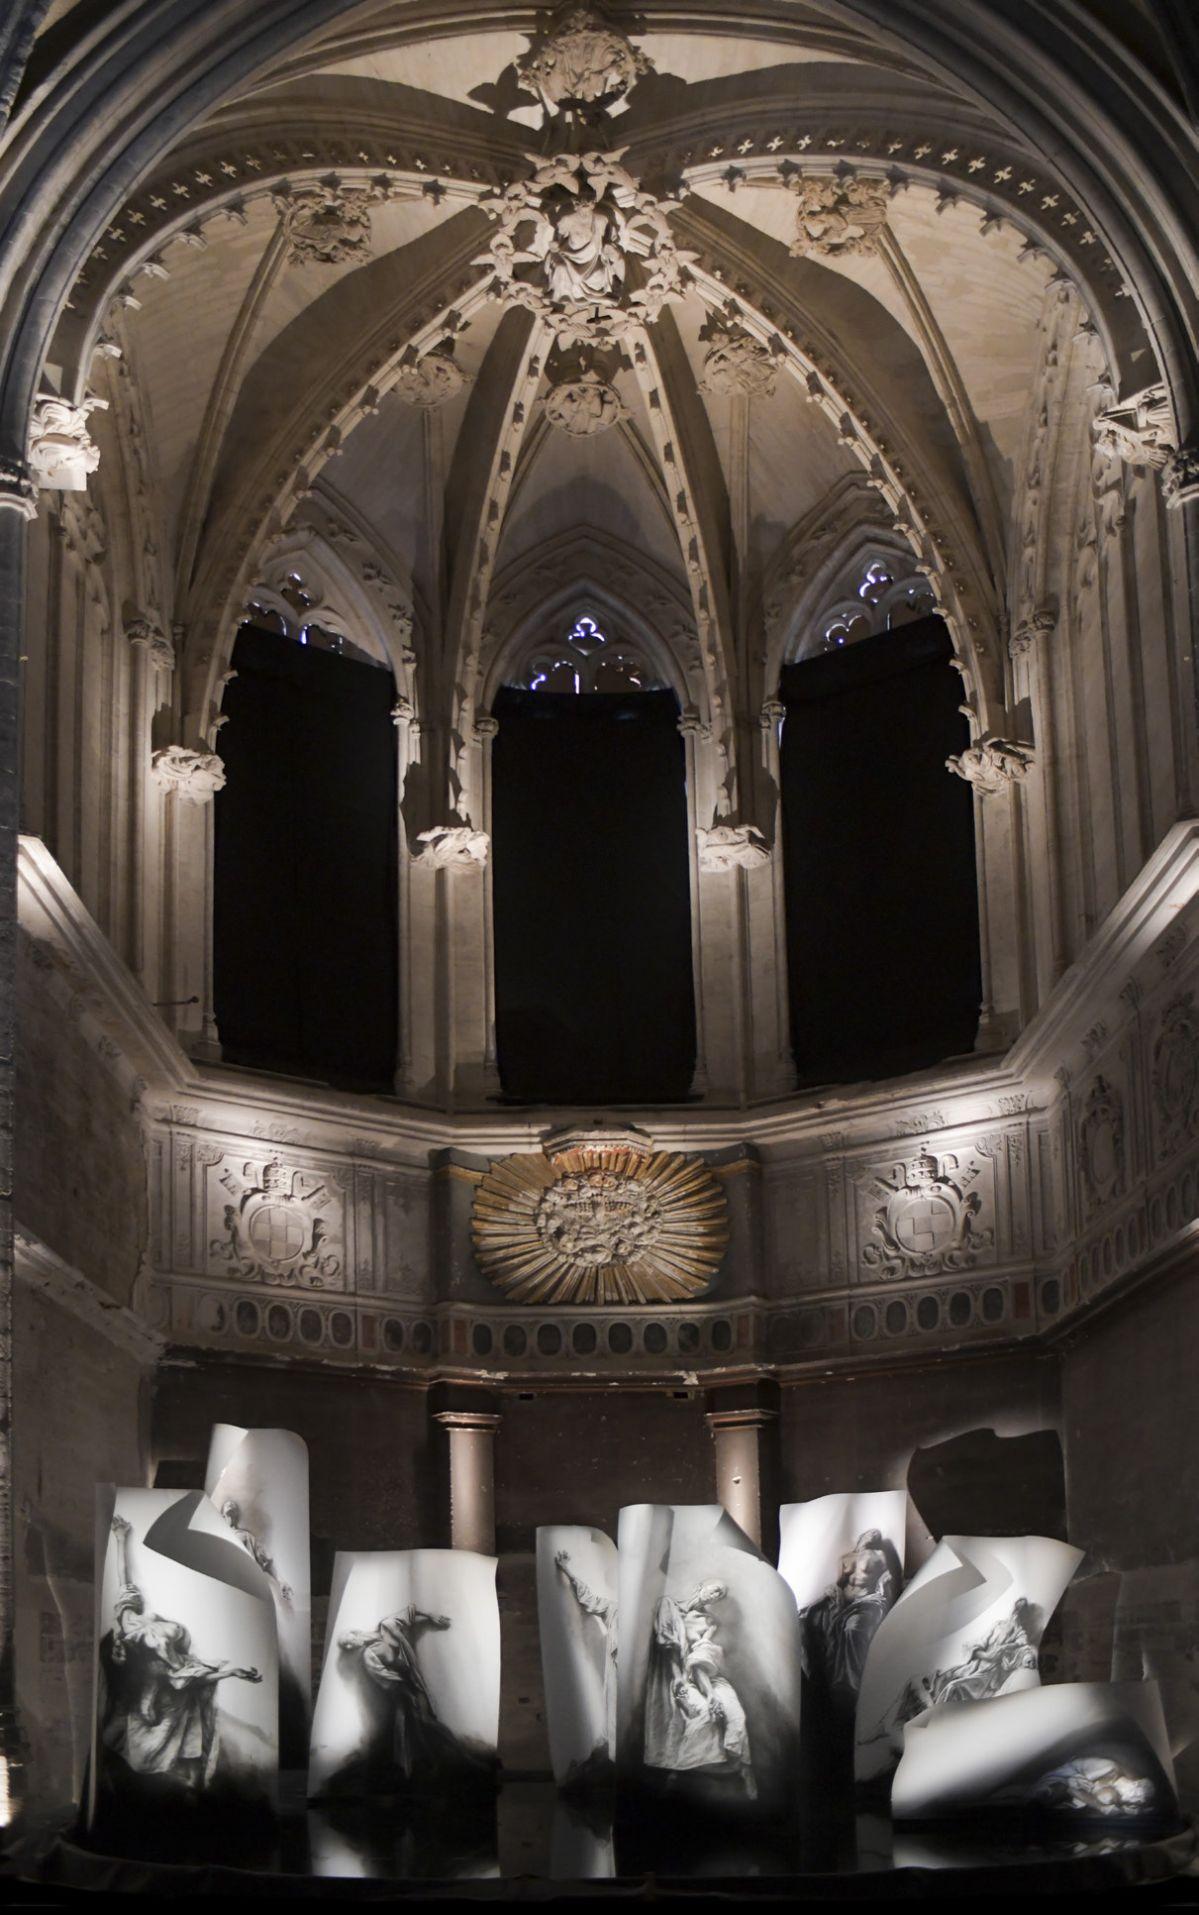 Ernest Pignon Ernest - Extases - les mystiques 2020 - Église des Célestins à Avignon ©Ernest Pignon-Ernest